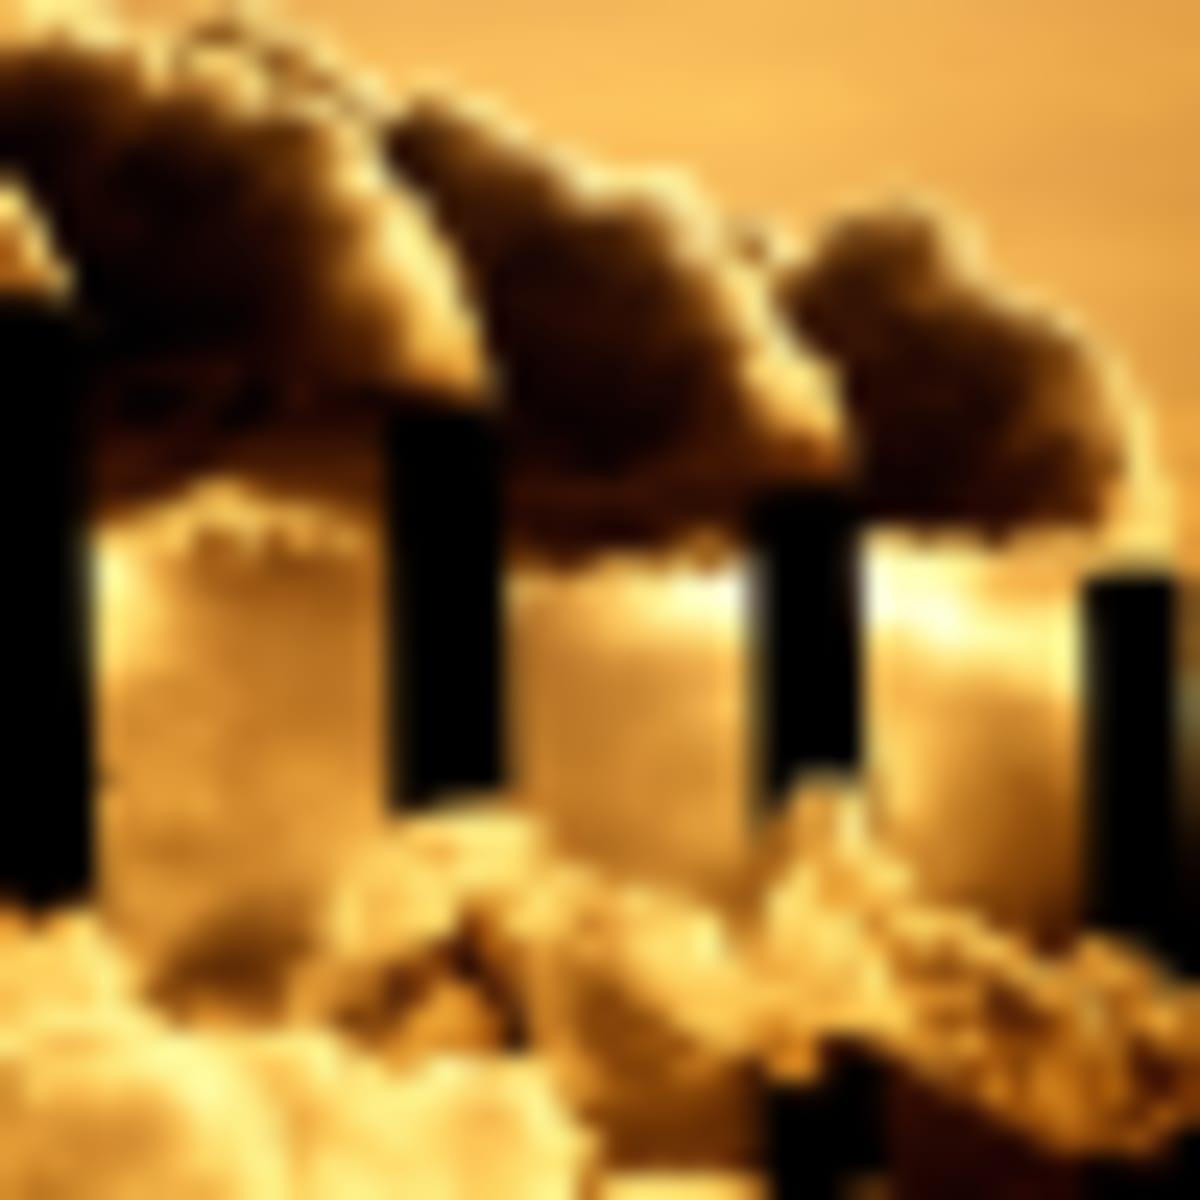 A szén-dioxid-kiegyenlítés nem tökéletes, de szükséges